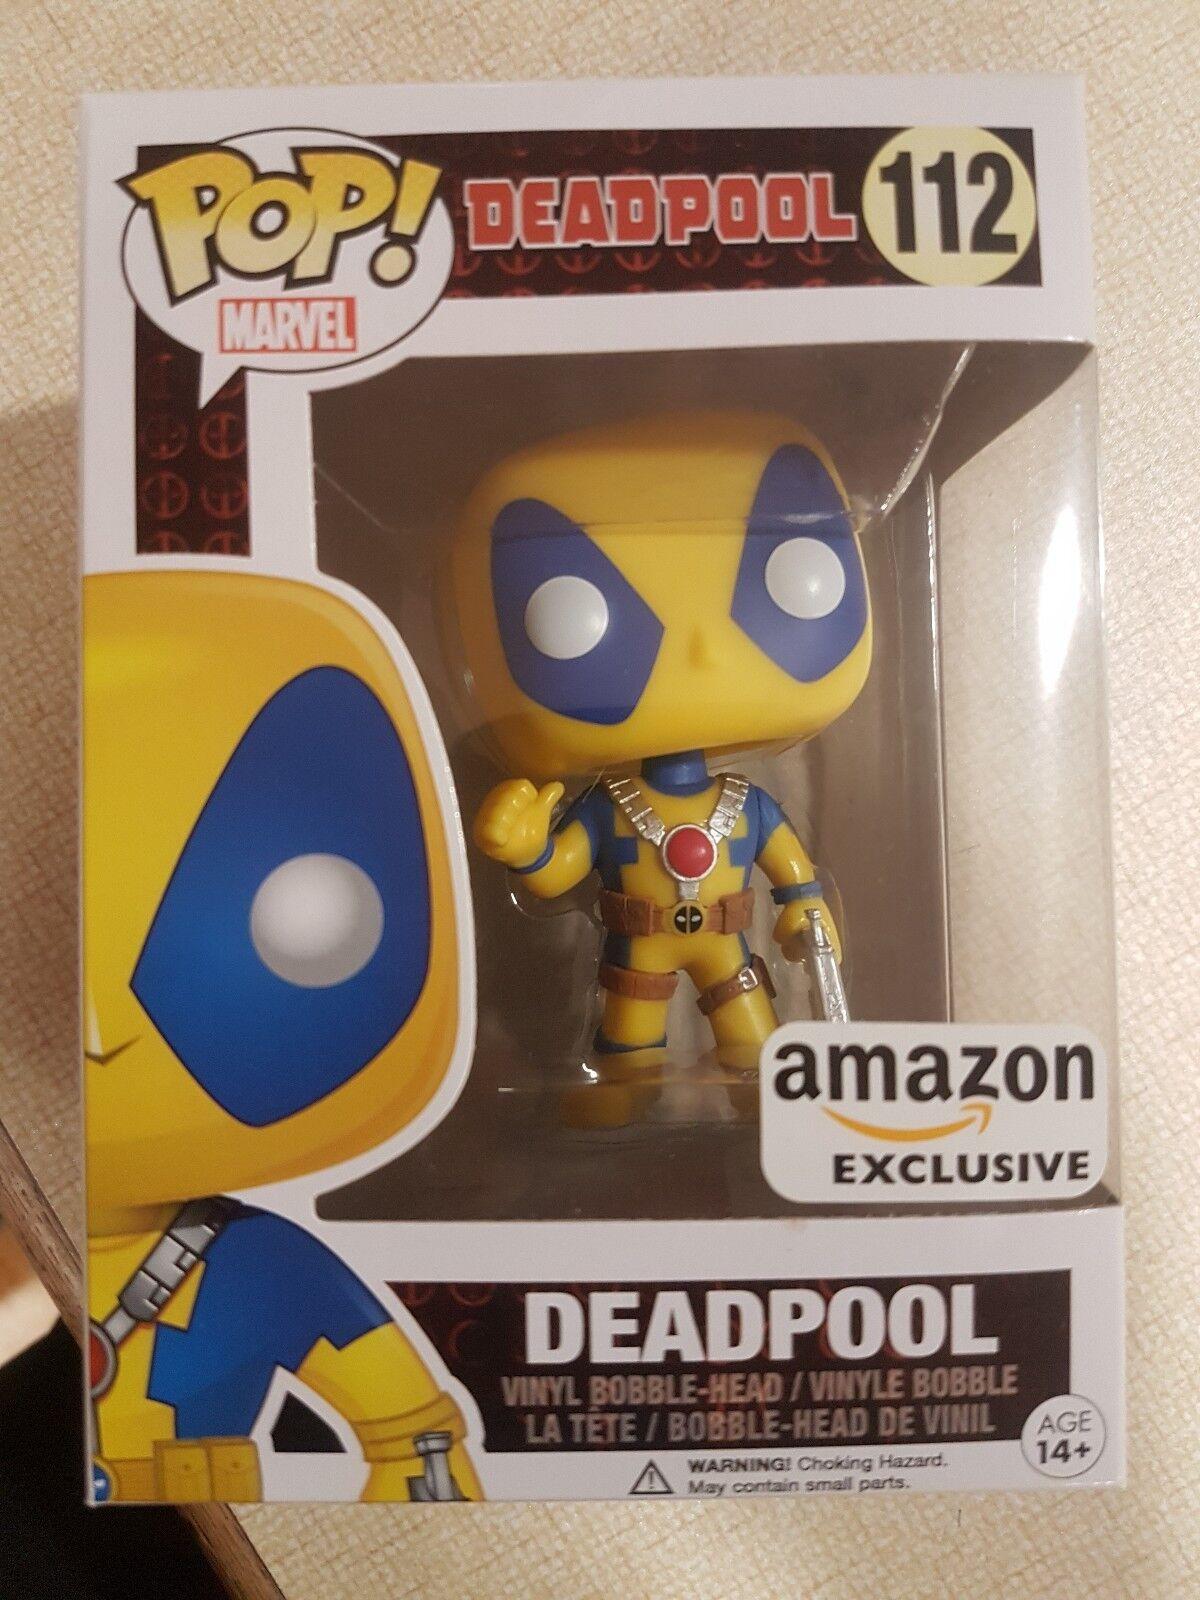 Funko Funko Funko POP Deadpool Amazon (USA) Exclusive c6194c